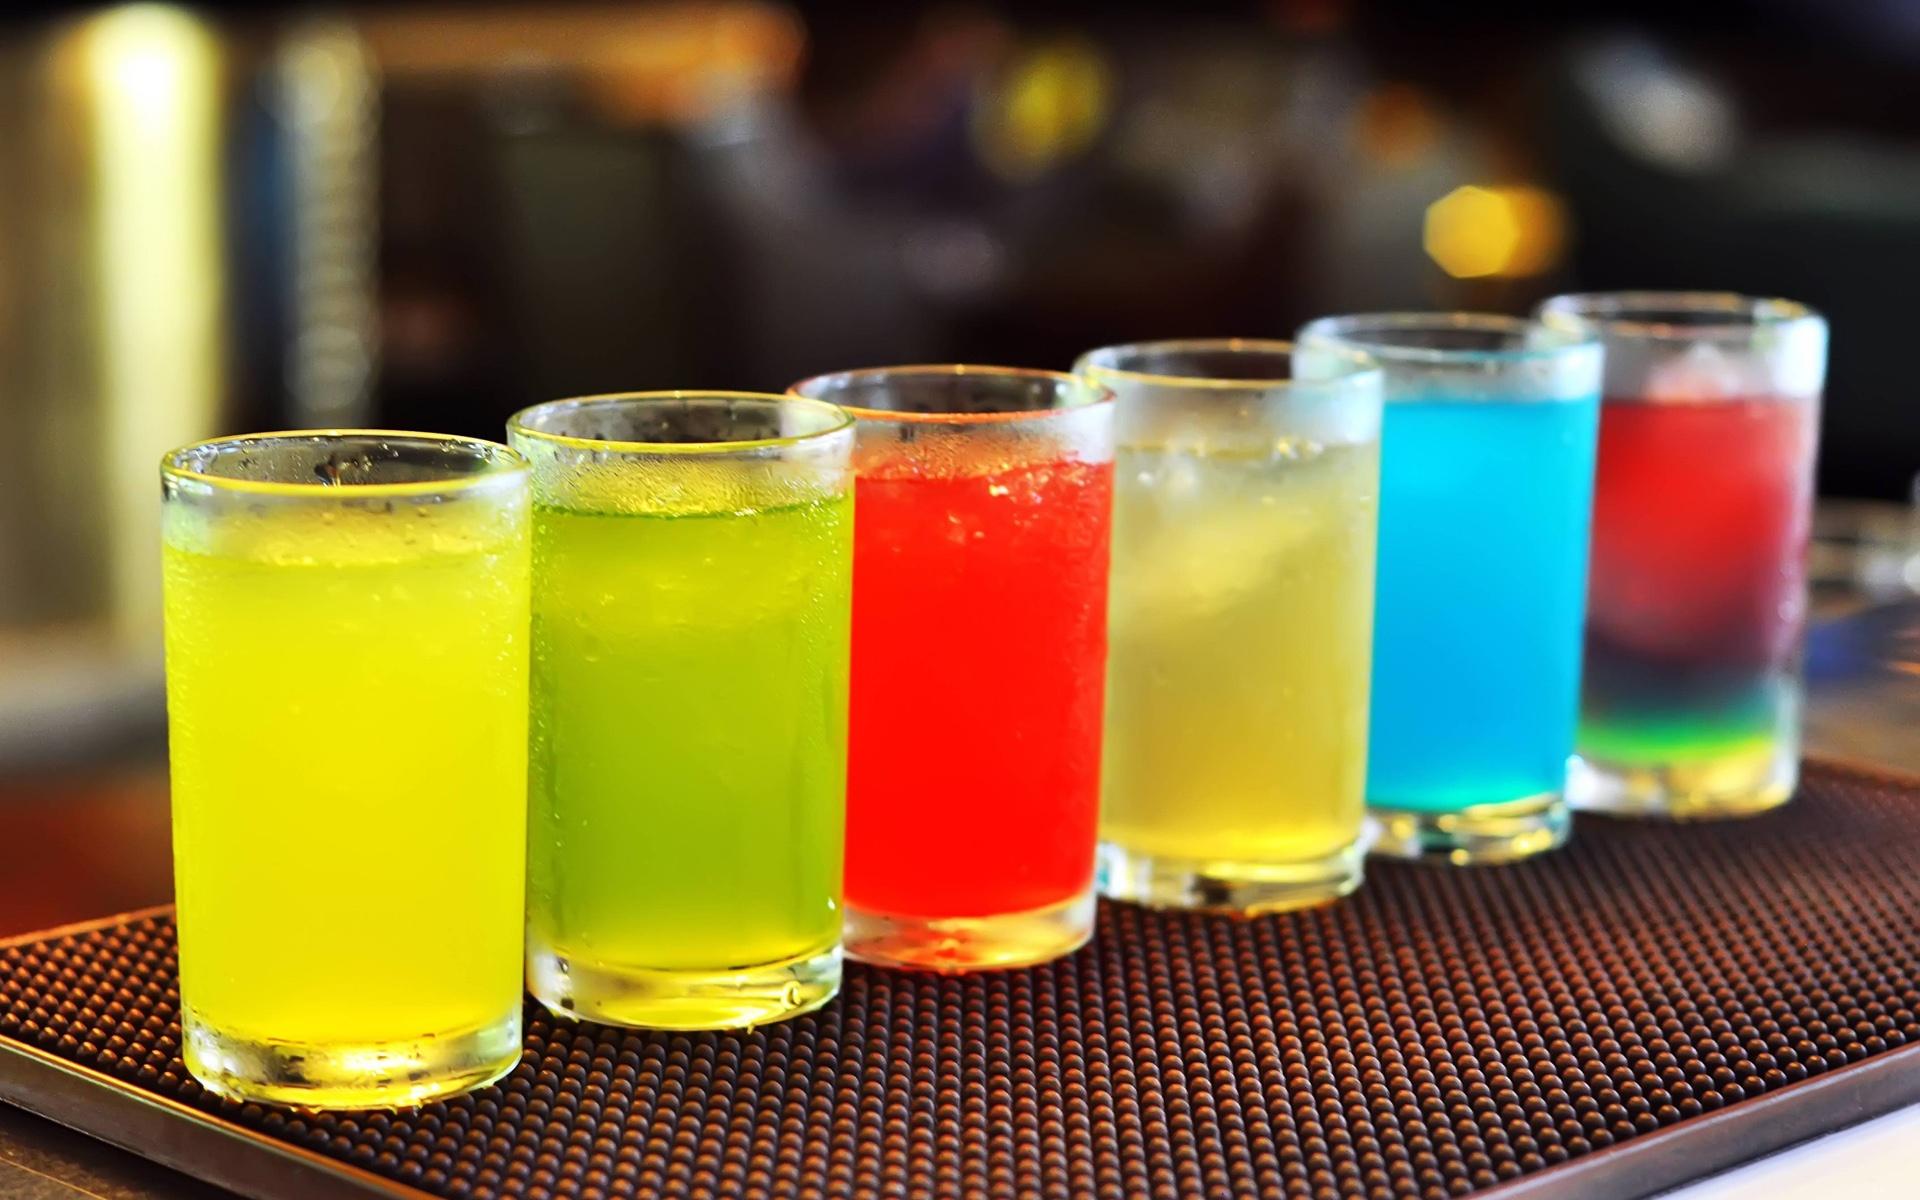 Kalte Getränke, bunte Cocktails, Glas, Becher 1920x1200 HD ...